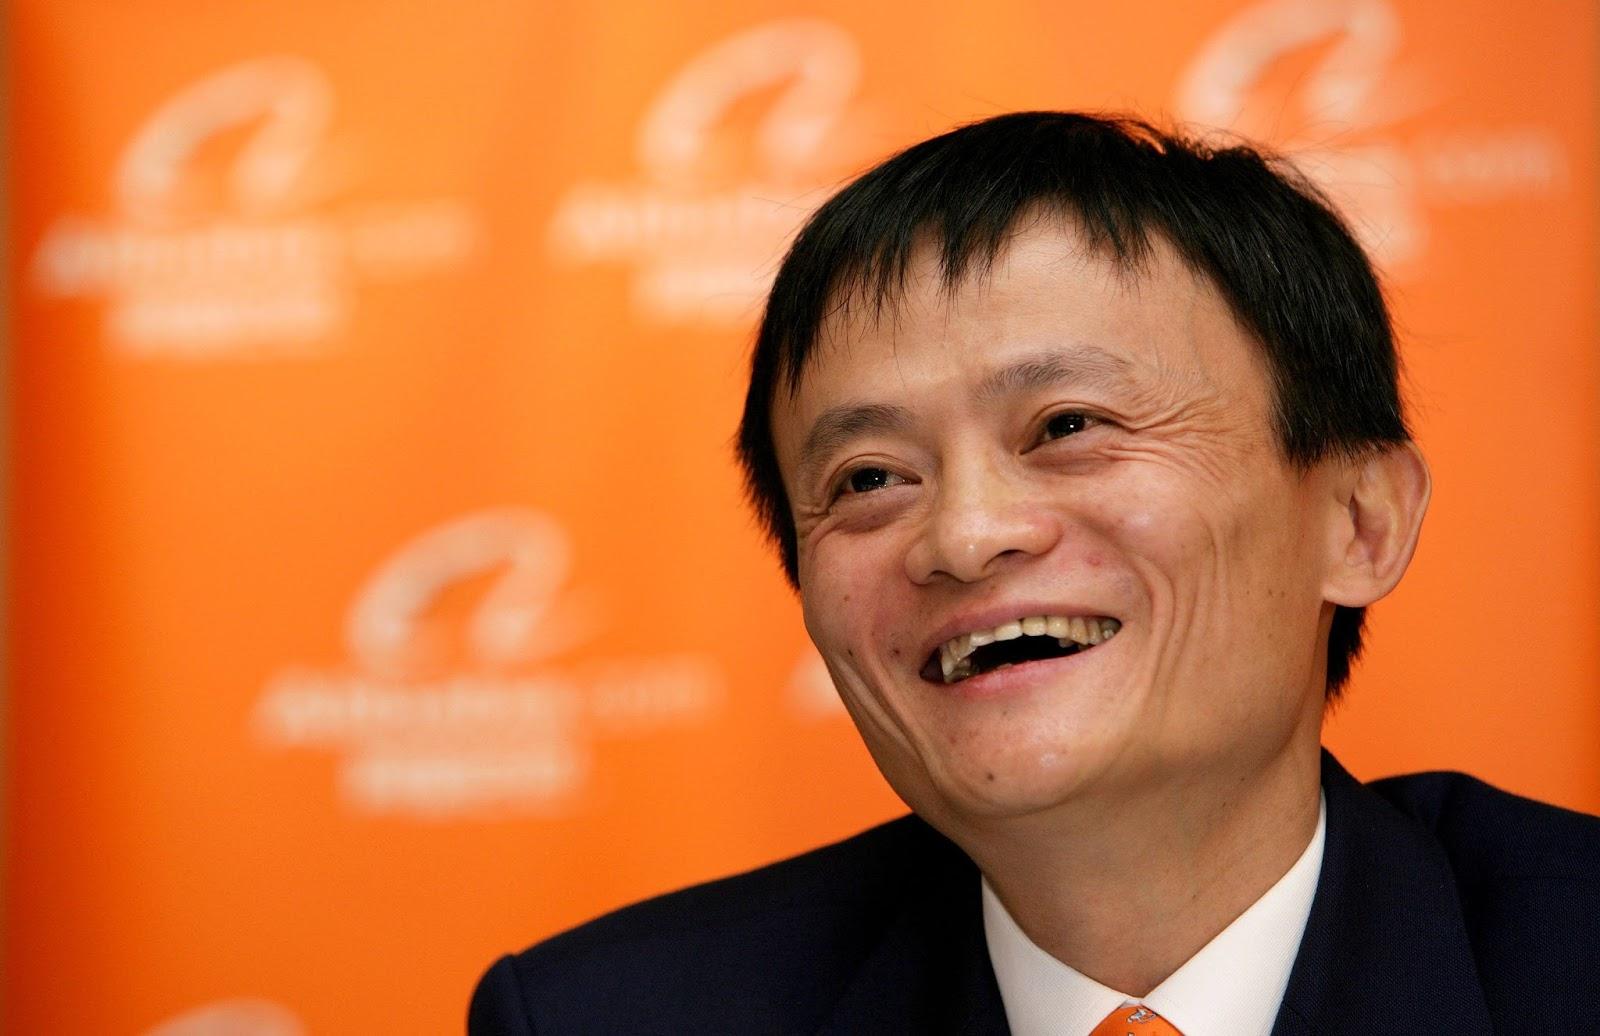 Kata Jack Ma : Pintar Itu Bukan Jaminan Sukses Mbloogs!